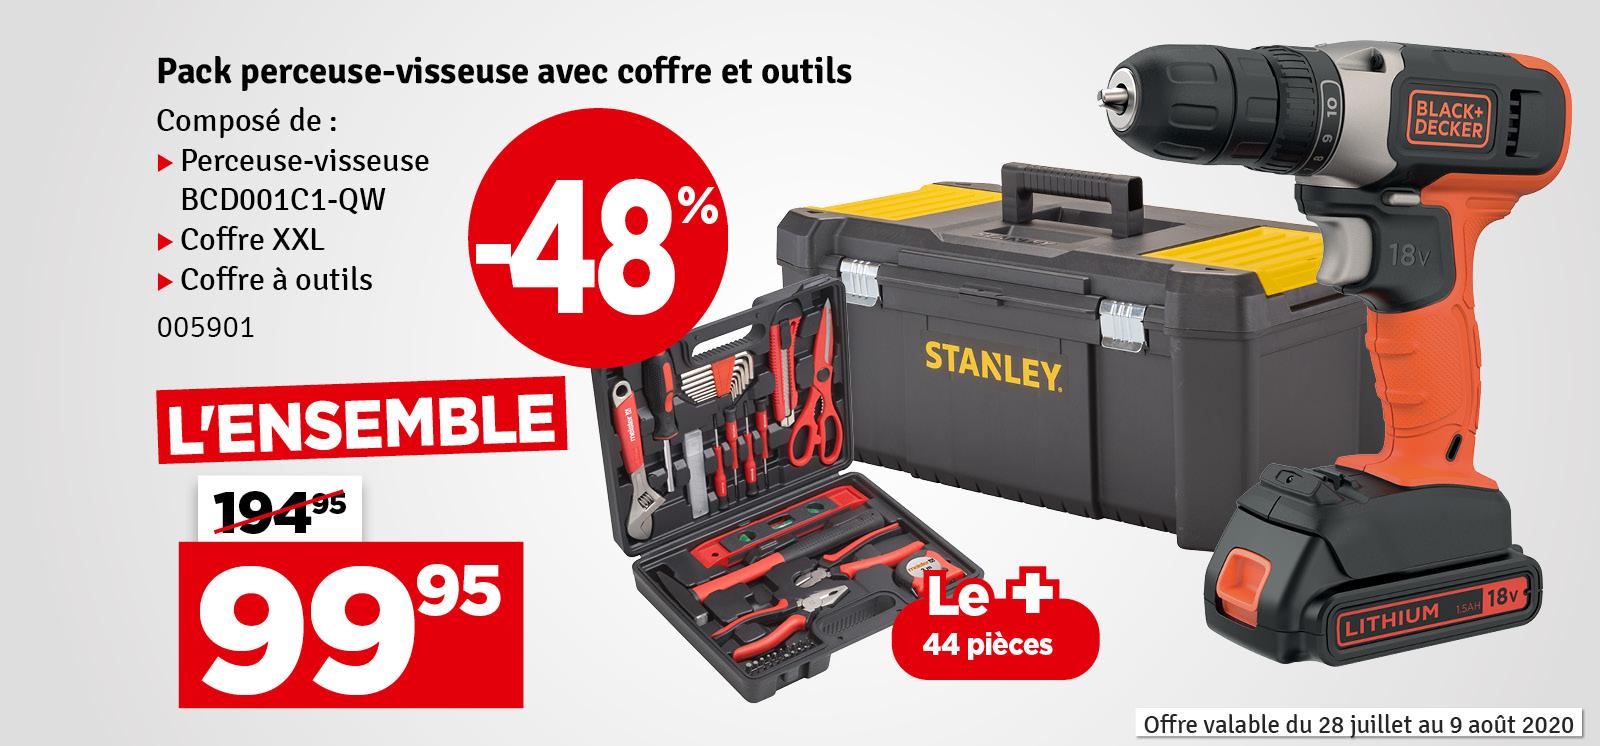 Promo - Pack perceuse-visseuse avec coffre et outils